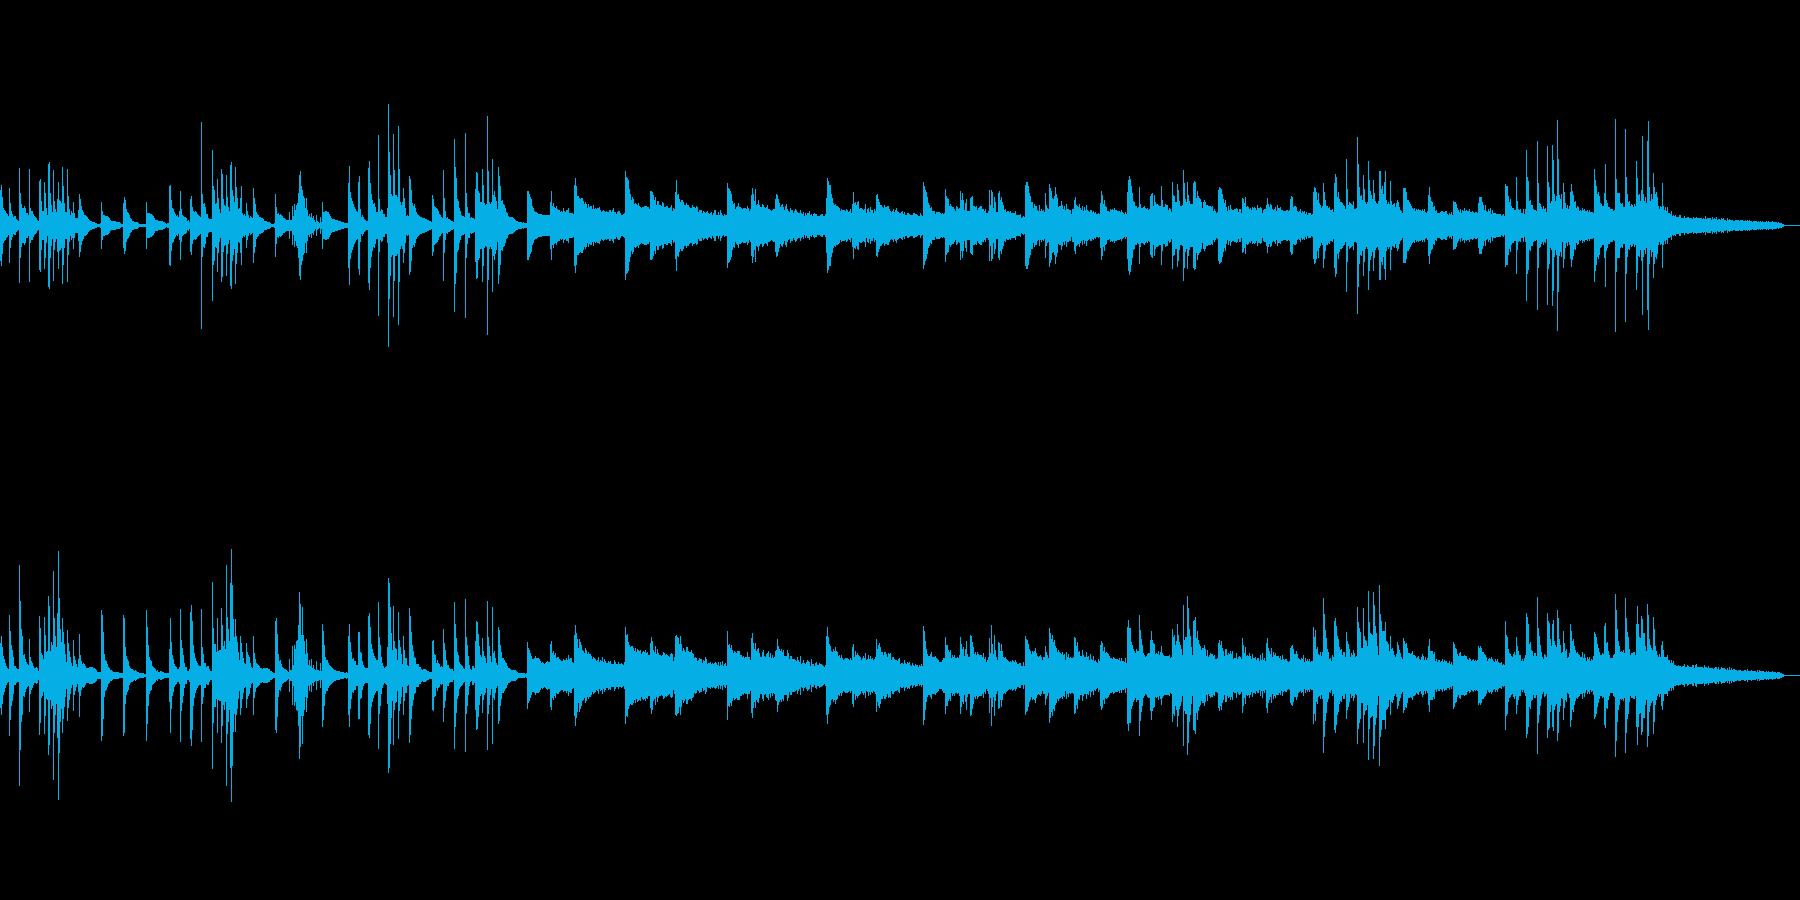 静かな静かな恐怖、日本のホラー-ピアノの再生済みの波形